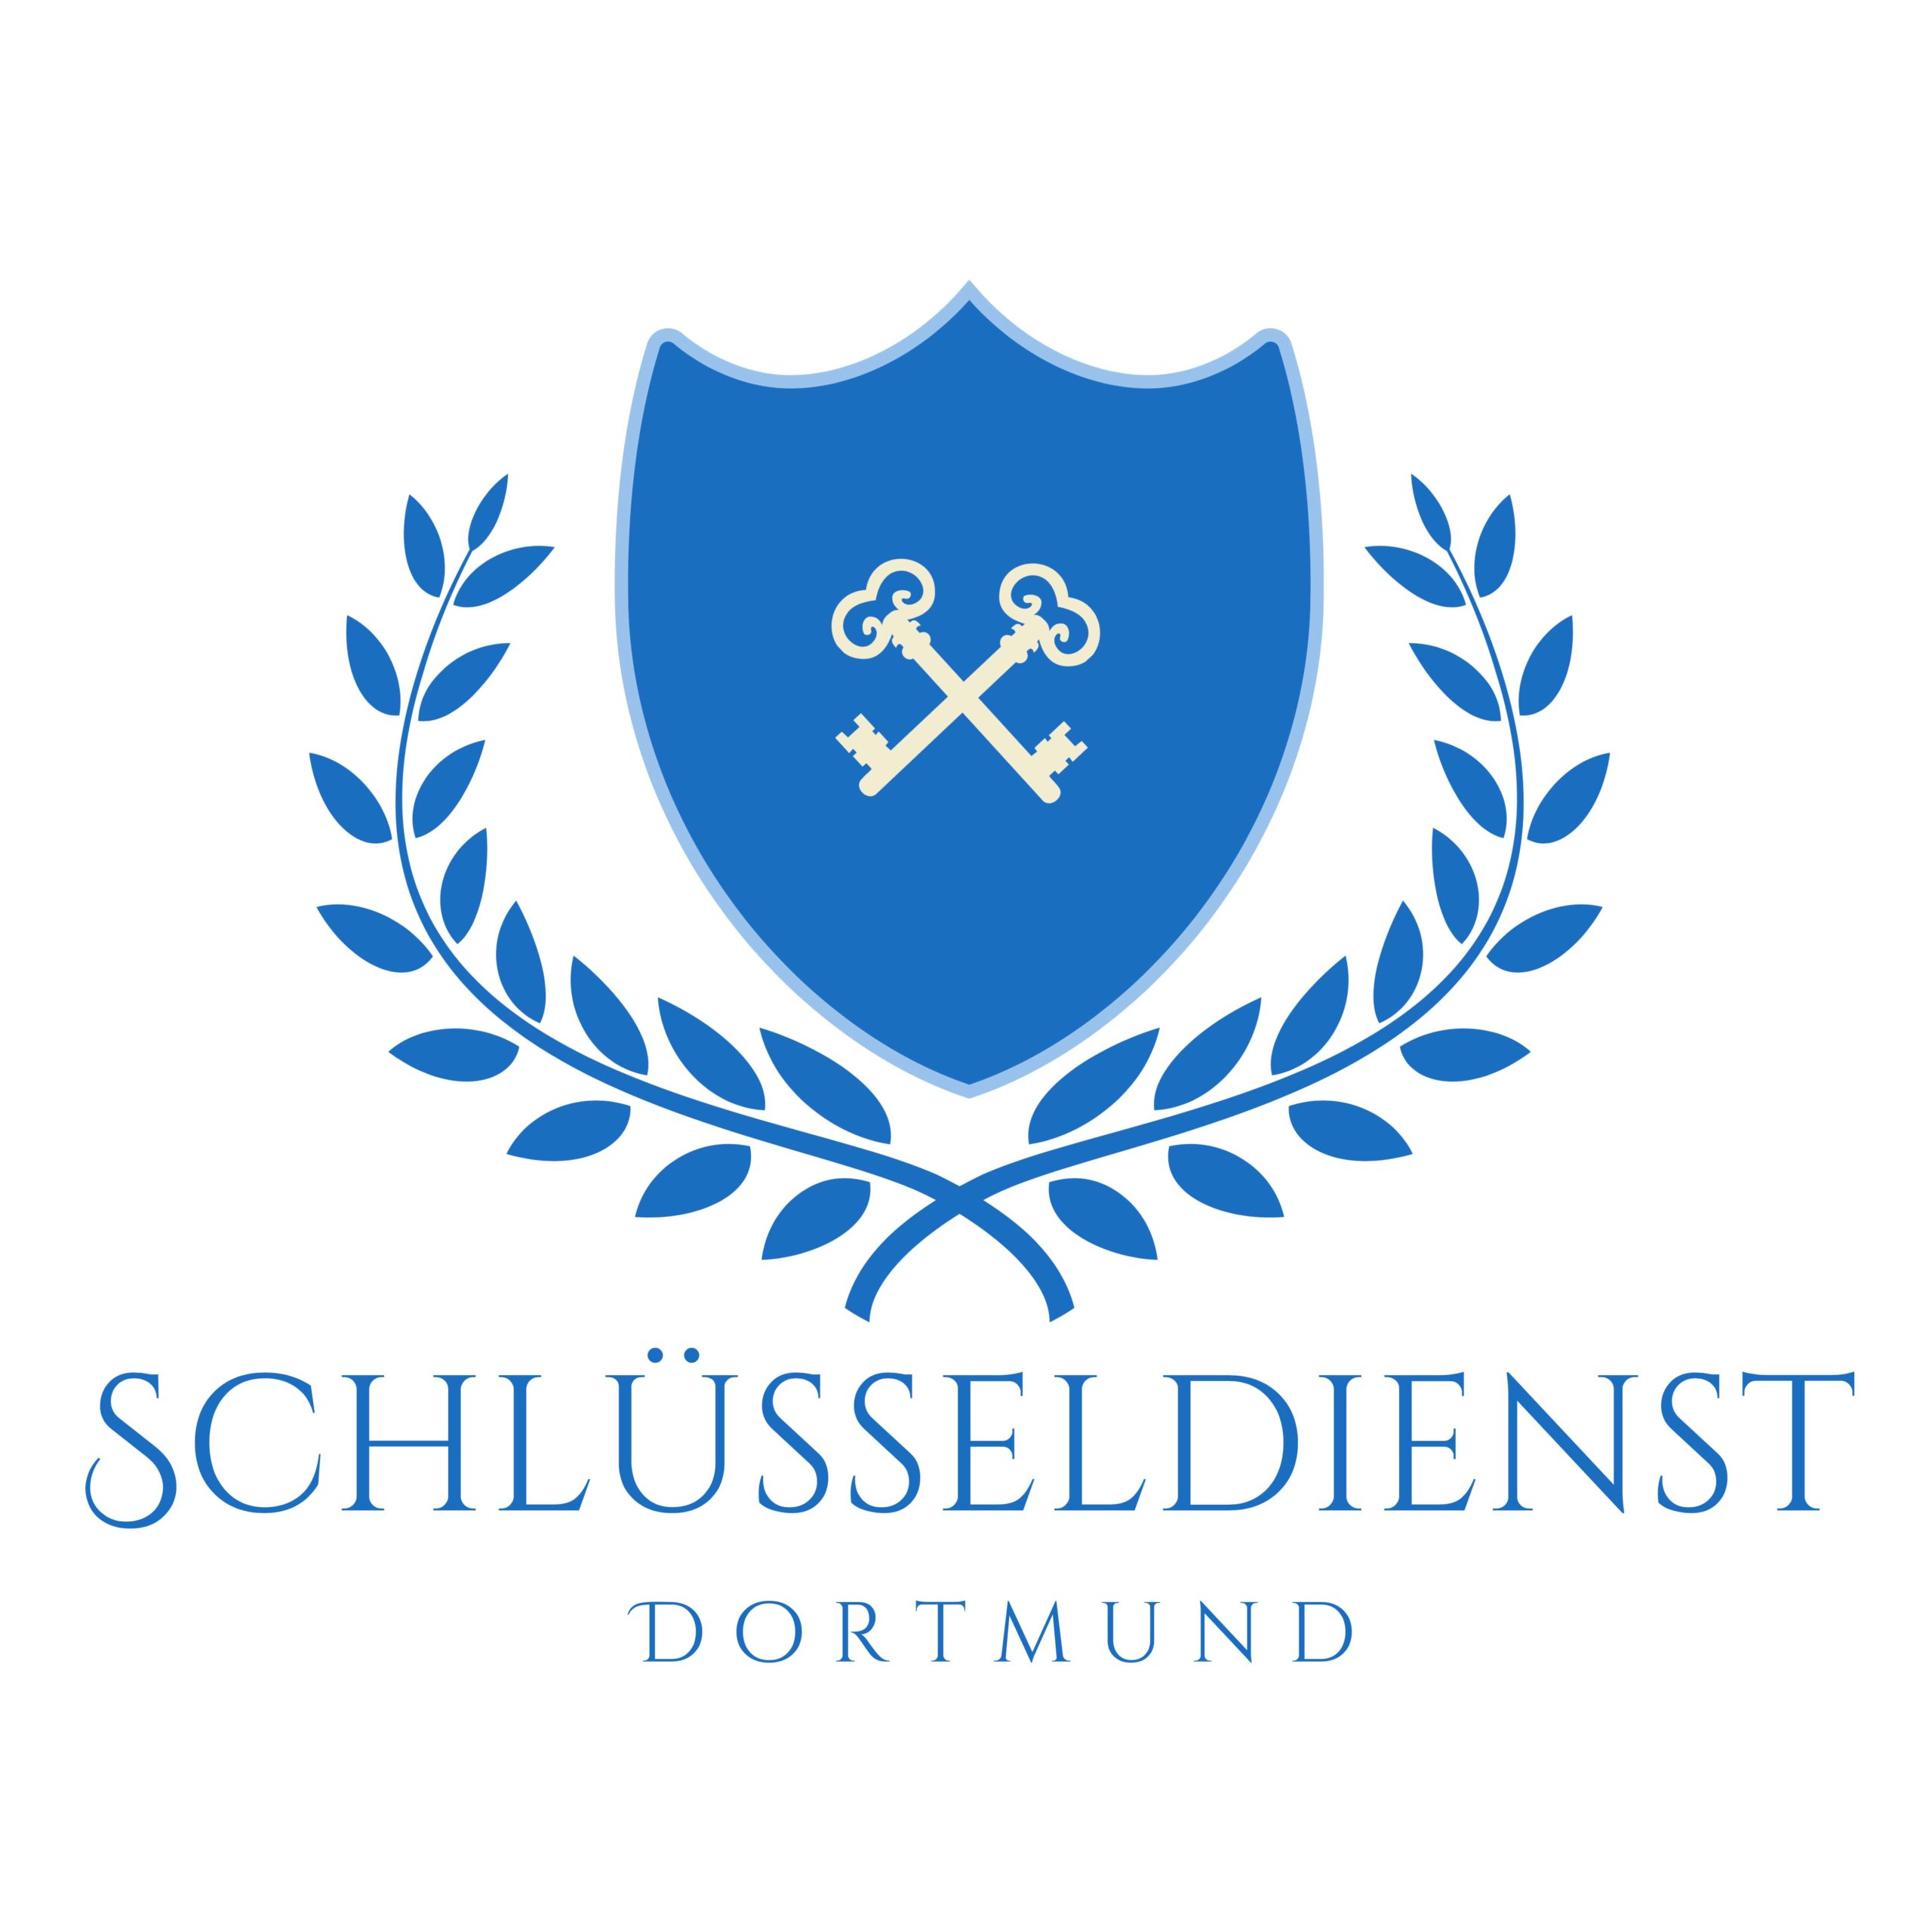 Schlüsseldienst Dortmund